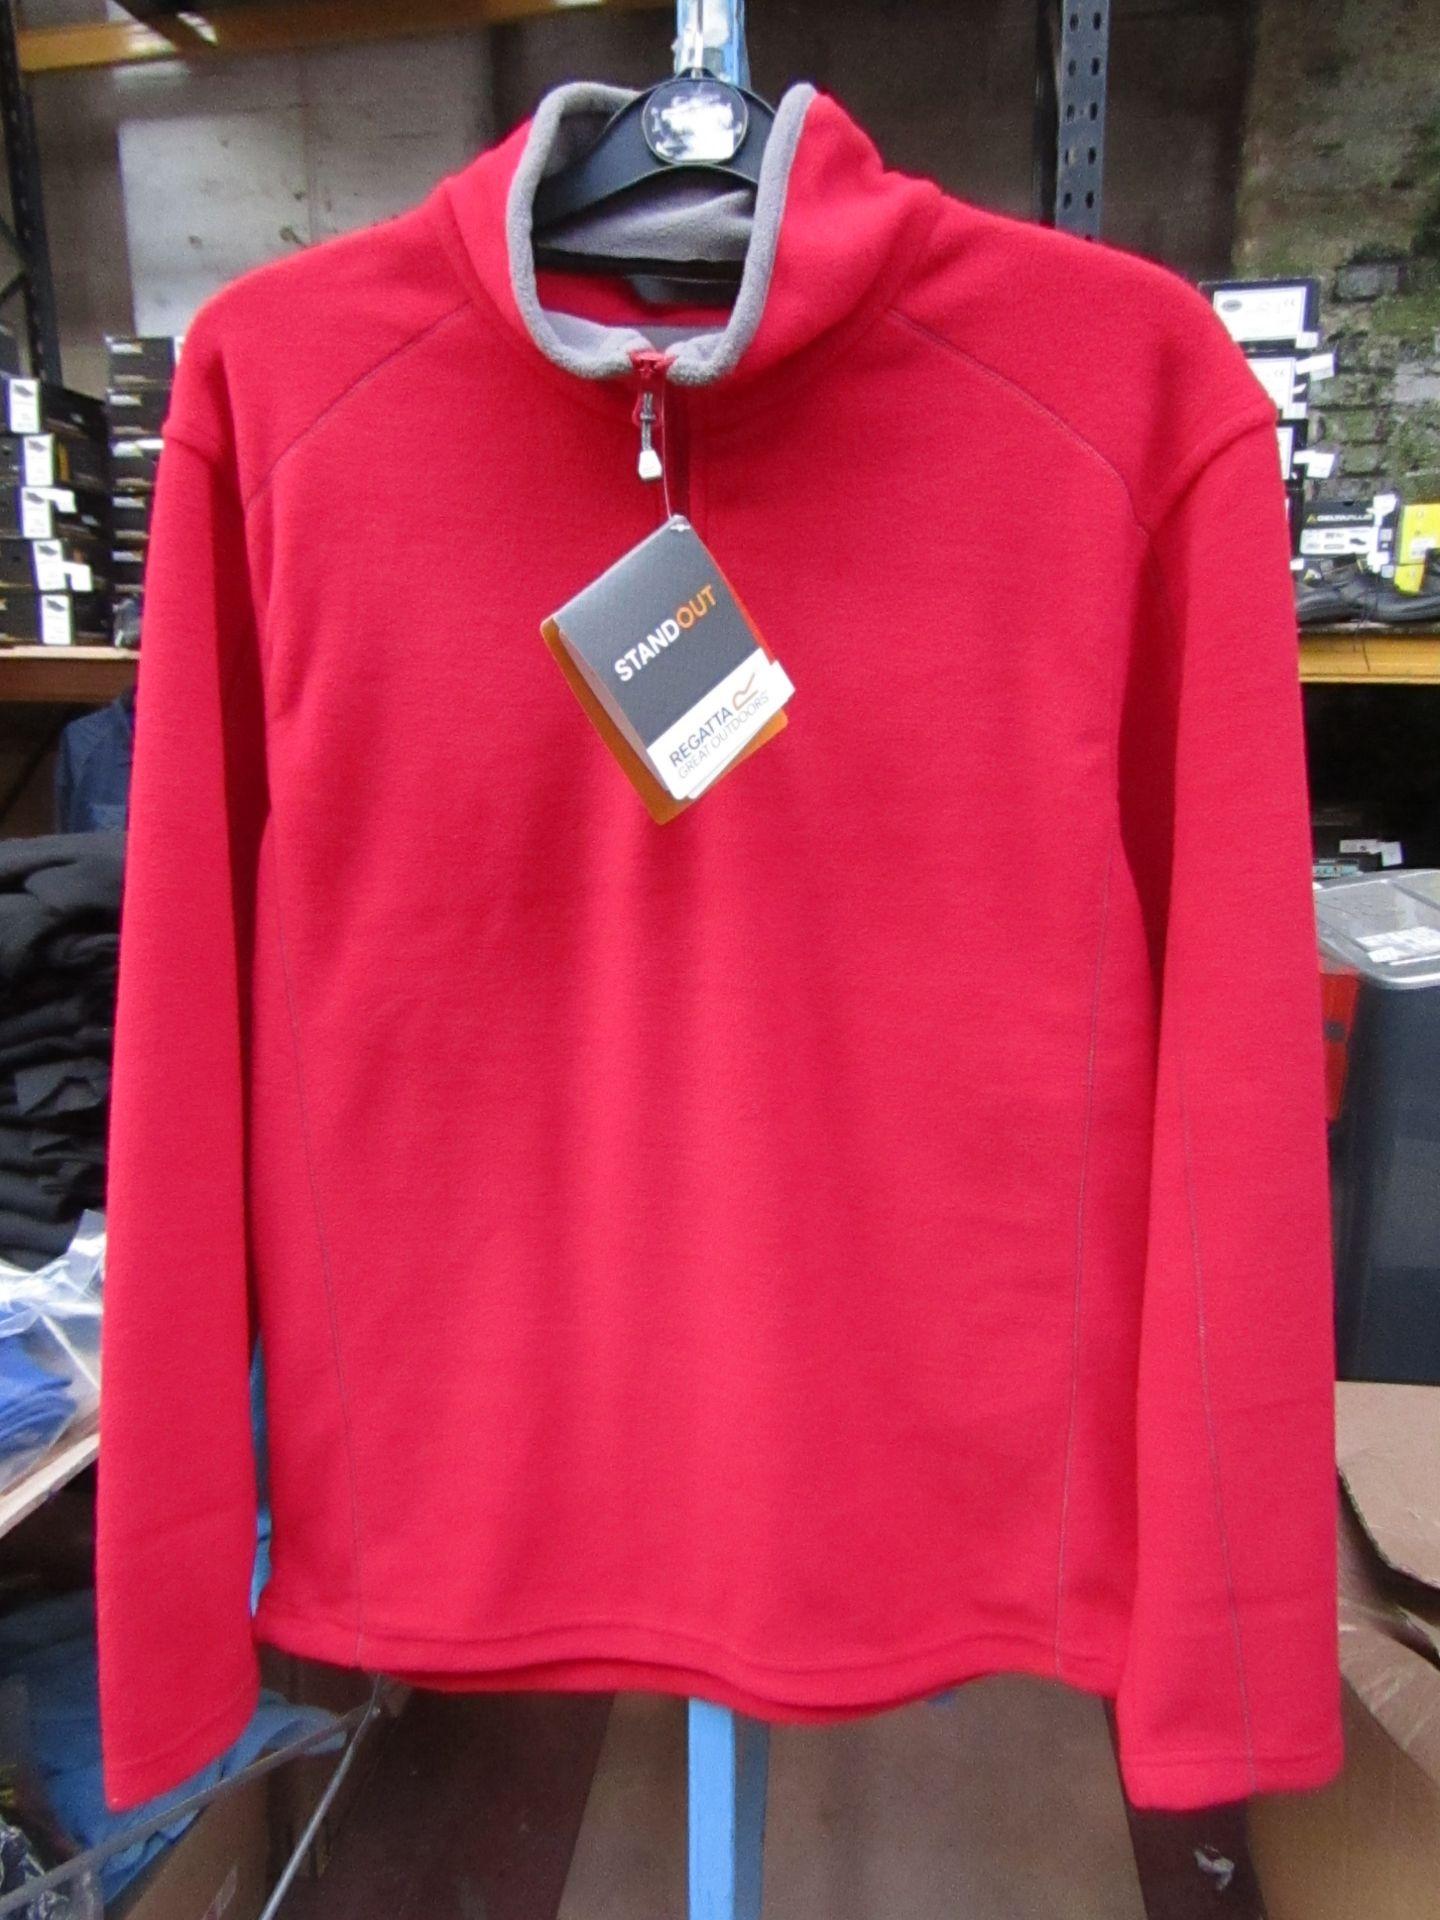 Lot 13 - Men's Regatta Professional Fleece Red / Smoke. Size S. new in Packaging